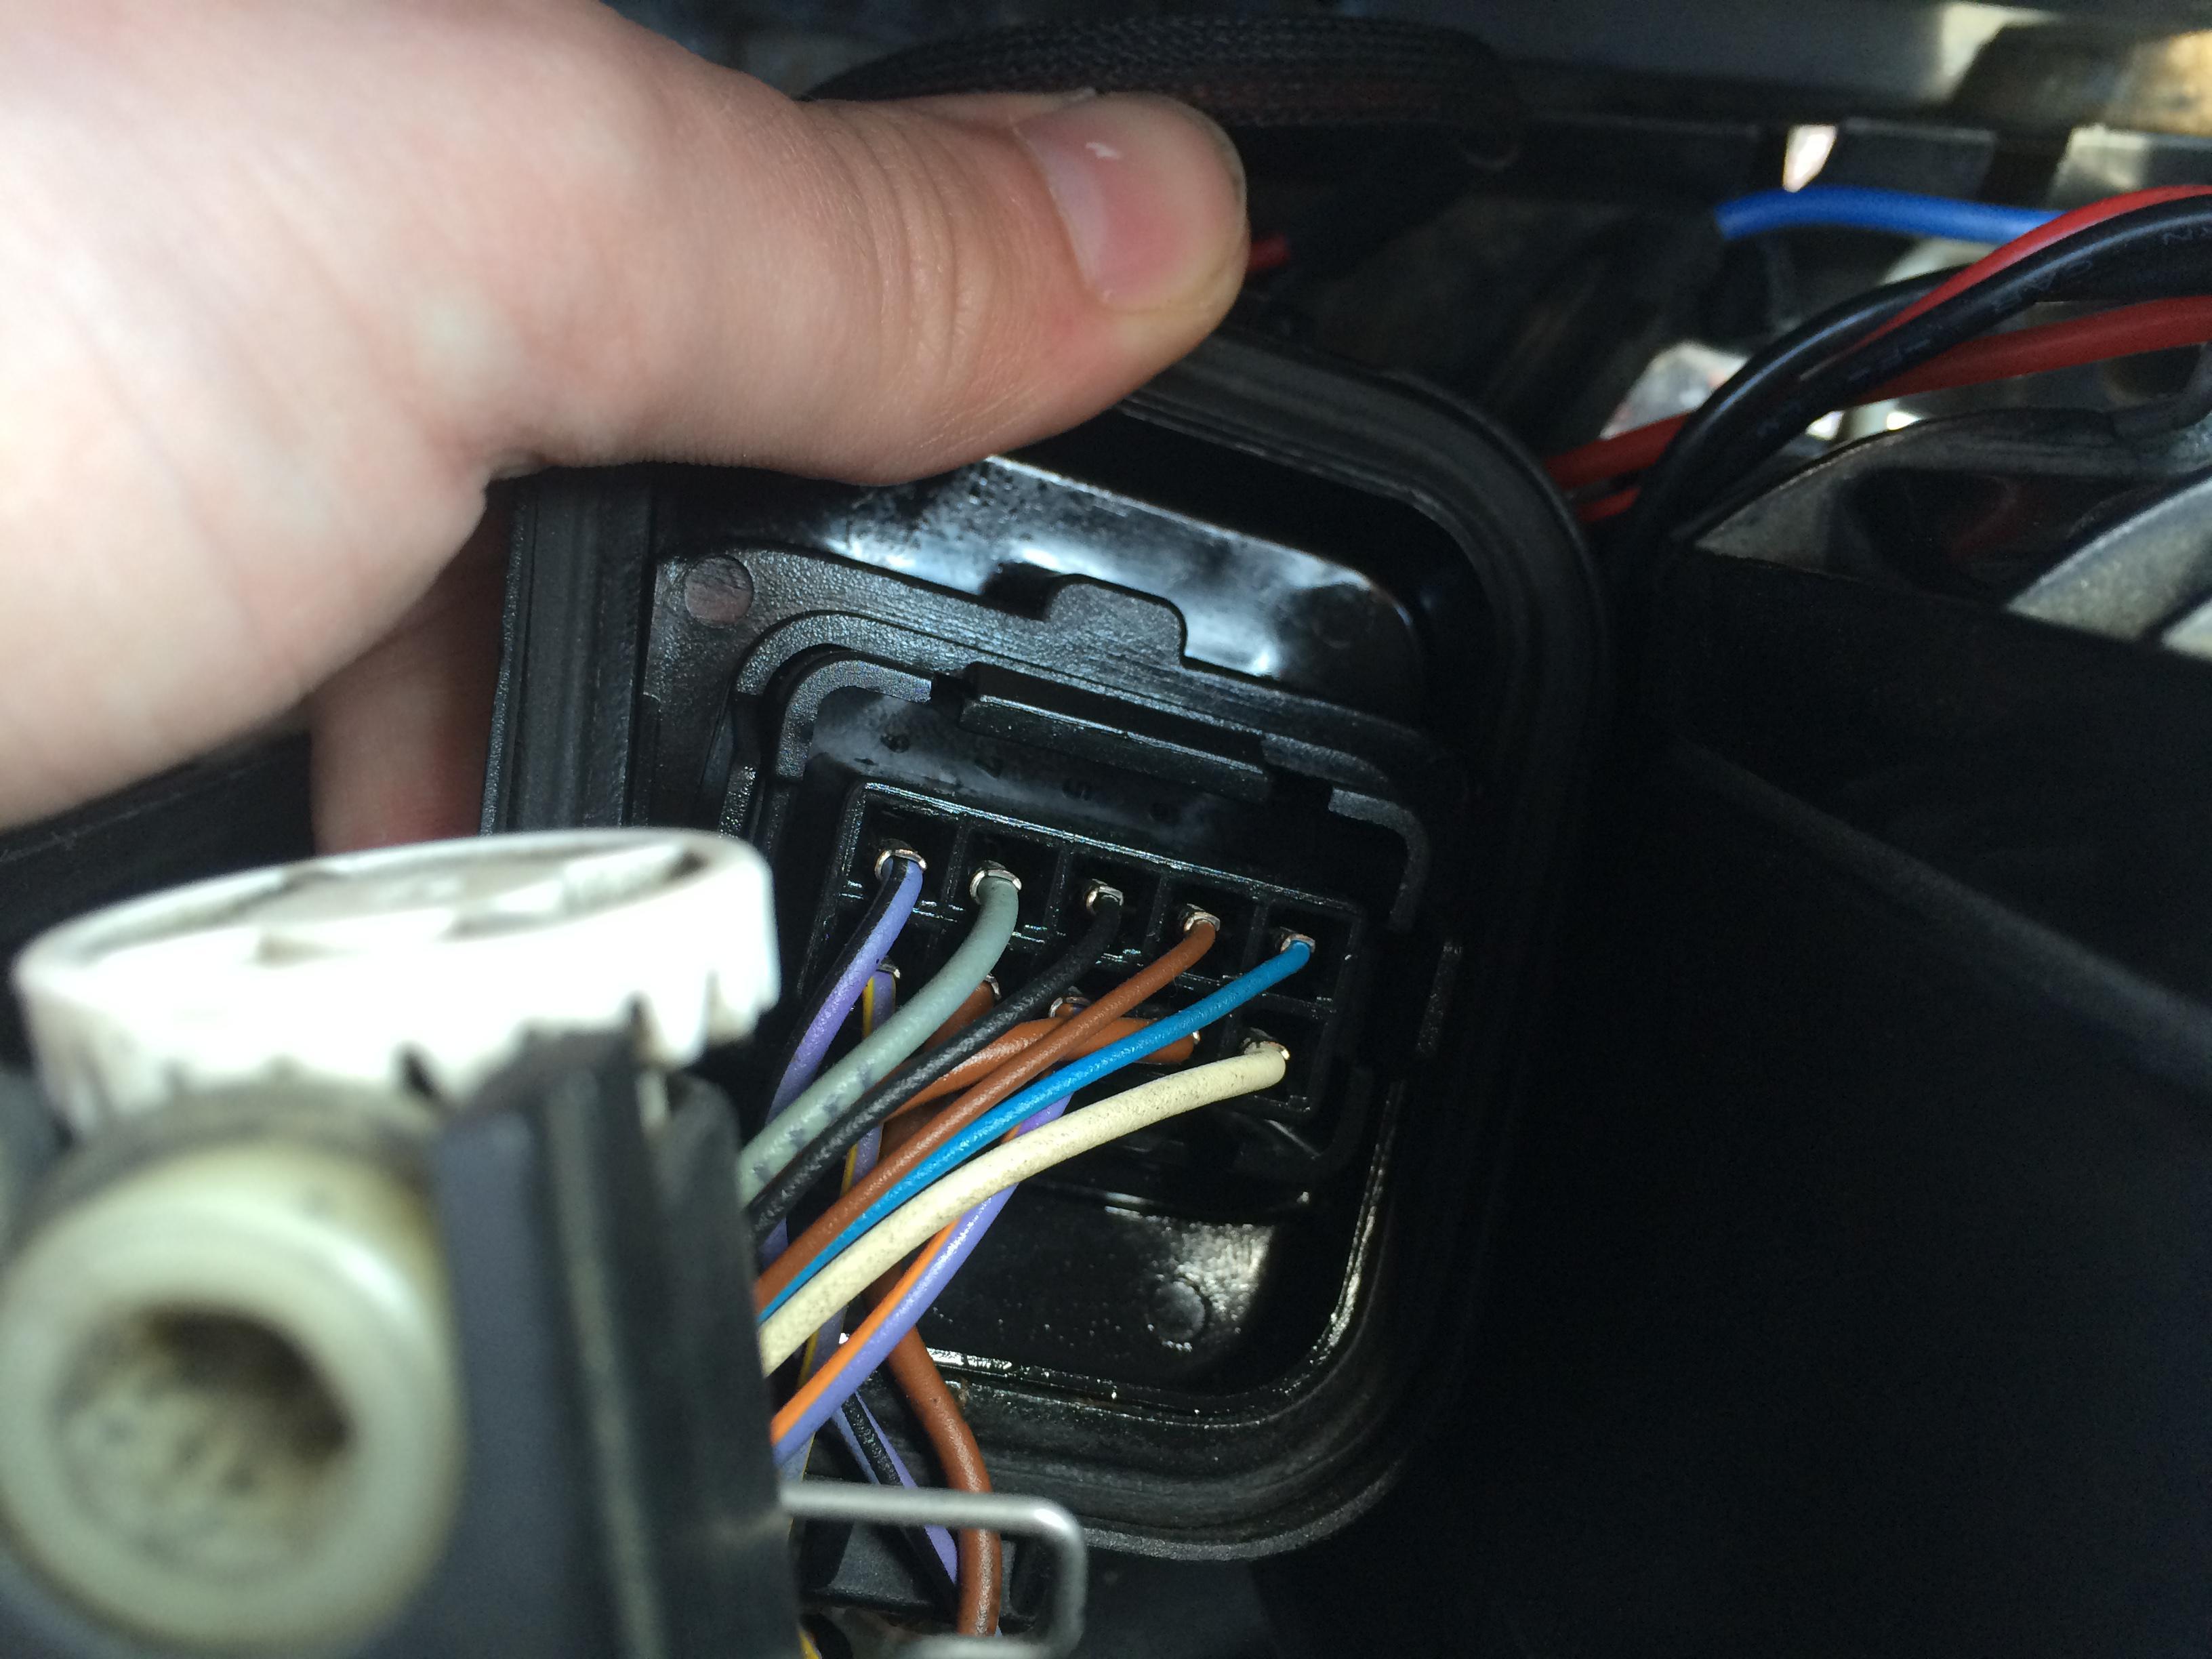 probleme eclairage phares problemes electriques ou electroniques forum volkswagen golf iv